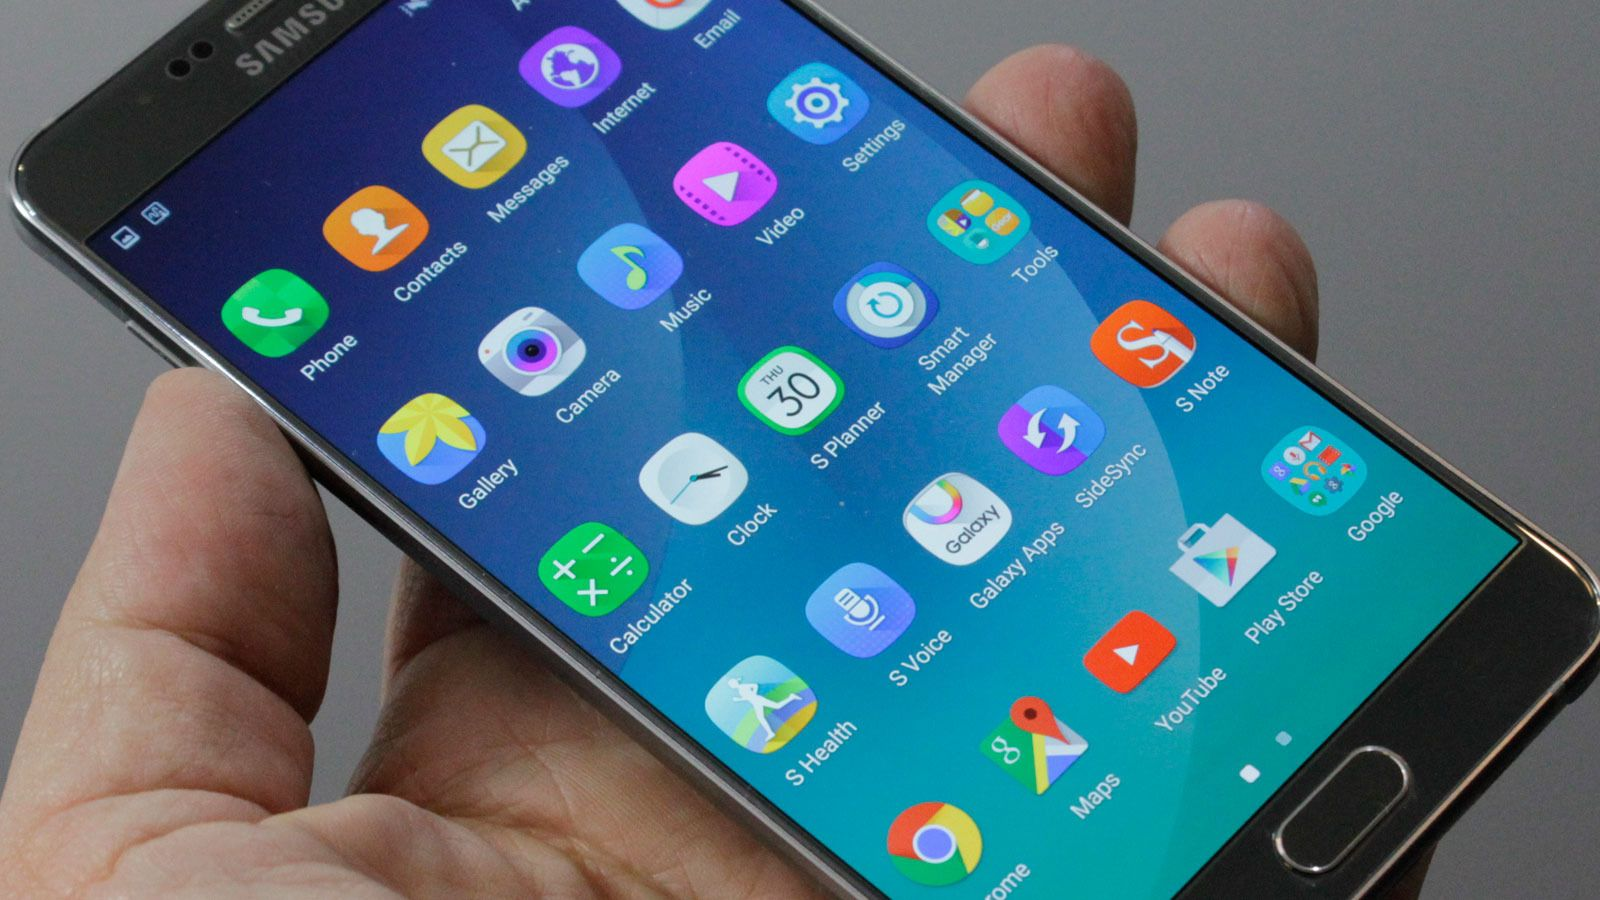 Galaxy Note 5 og S6 Edge+ har fått nye og rundere ikoner uten den hvite rammen vi kjenner fra Galaxy S6. I form minner de om ikonene på Nokia Belle, tidligere Symbian Belle. (Foto: Espen Irwing Swang, Tek.no)